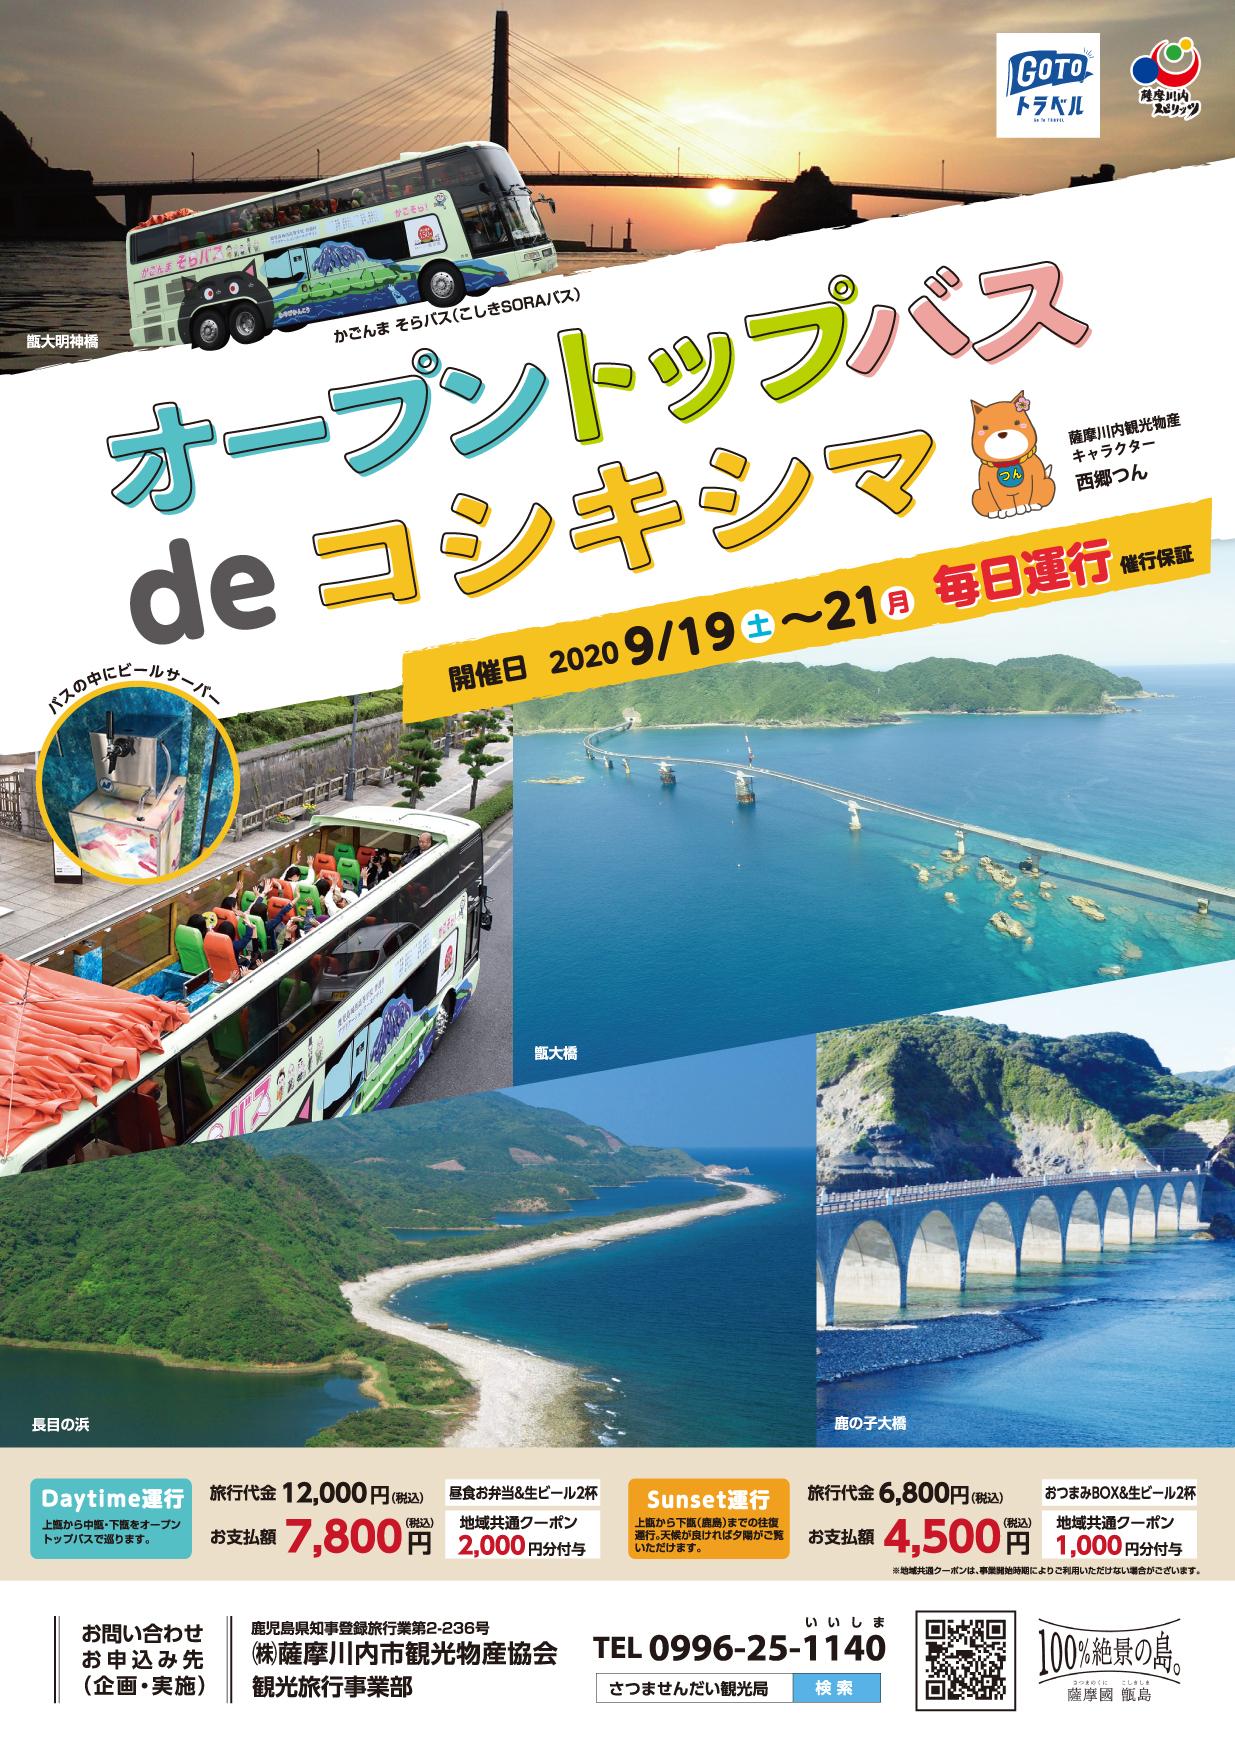 【9月の3日間のみ限定運行!】屋根なしのバス!? オープントップバス! in 甑島